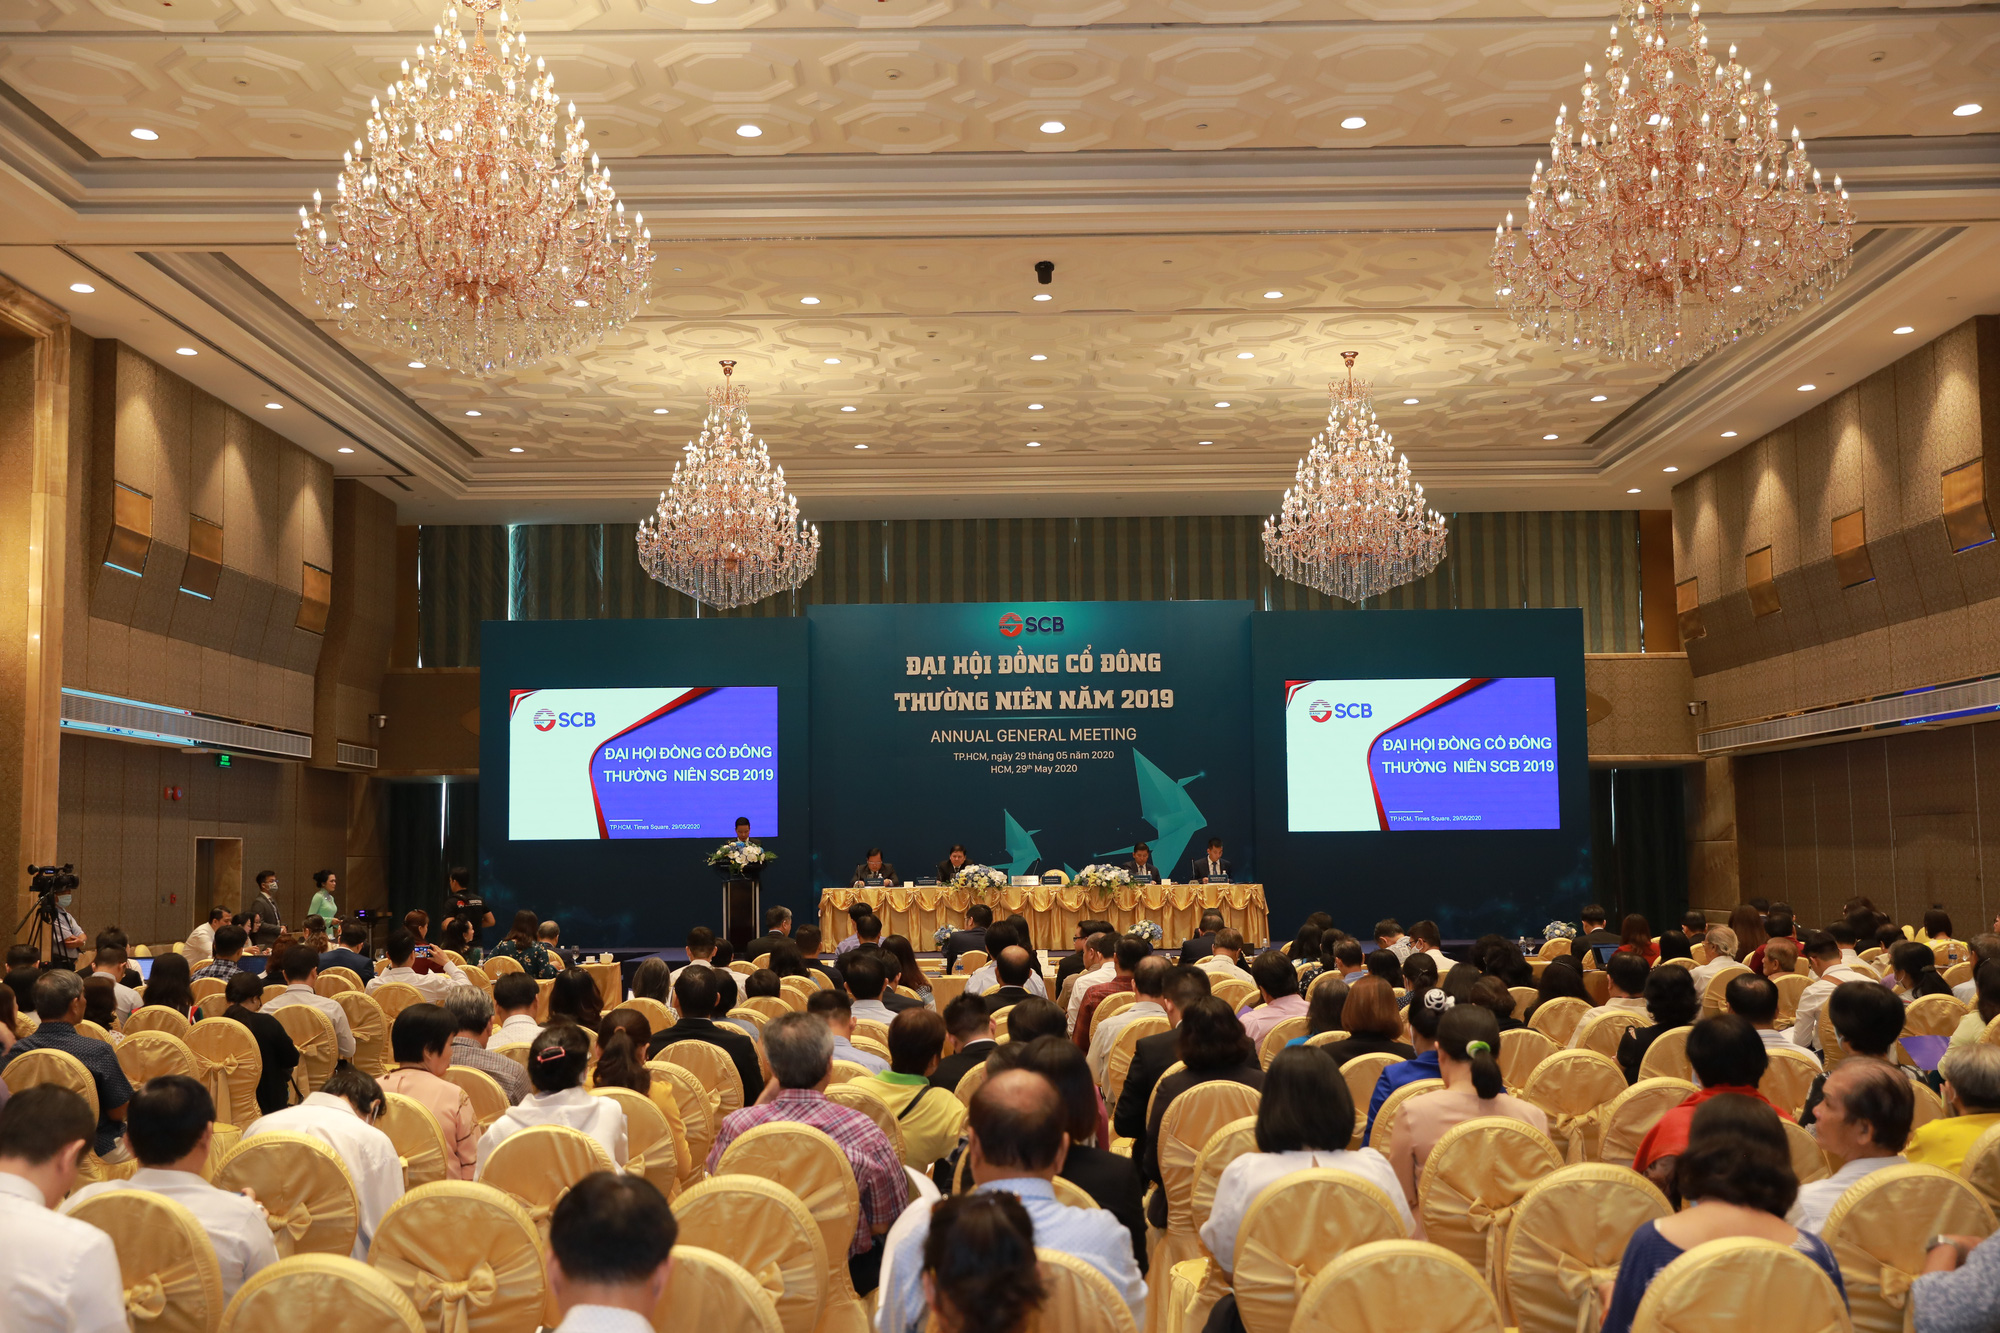 SCB tổ chức thành công Đại hội đồng cổ đông thường niên năm 2019 - Ảnh 2.